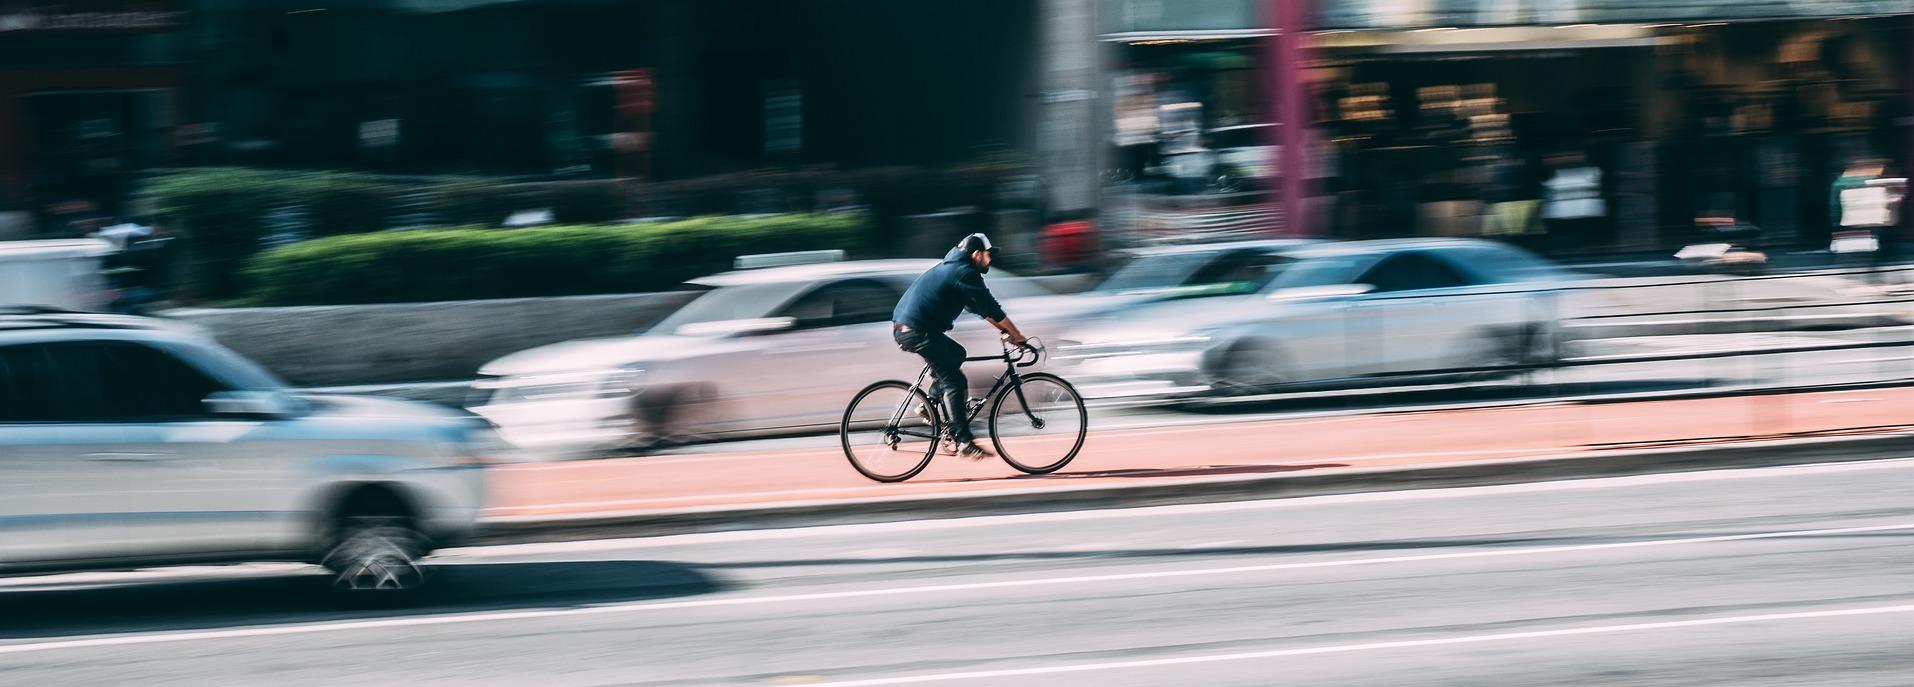 Samspillet mellom syklister og billister i trafikken - Mitt synspunkt